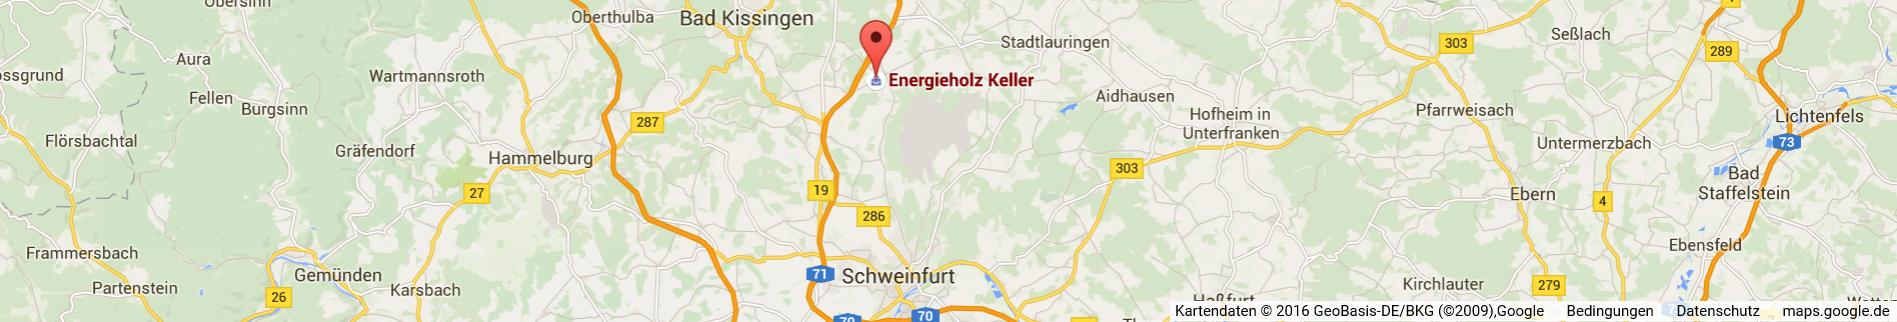 Location bei Schweinfurt und Bad Kissingen